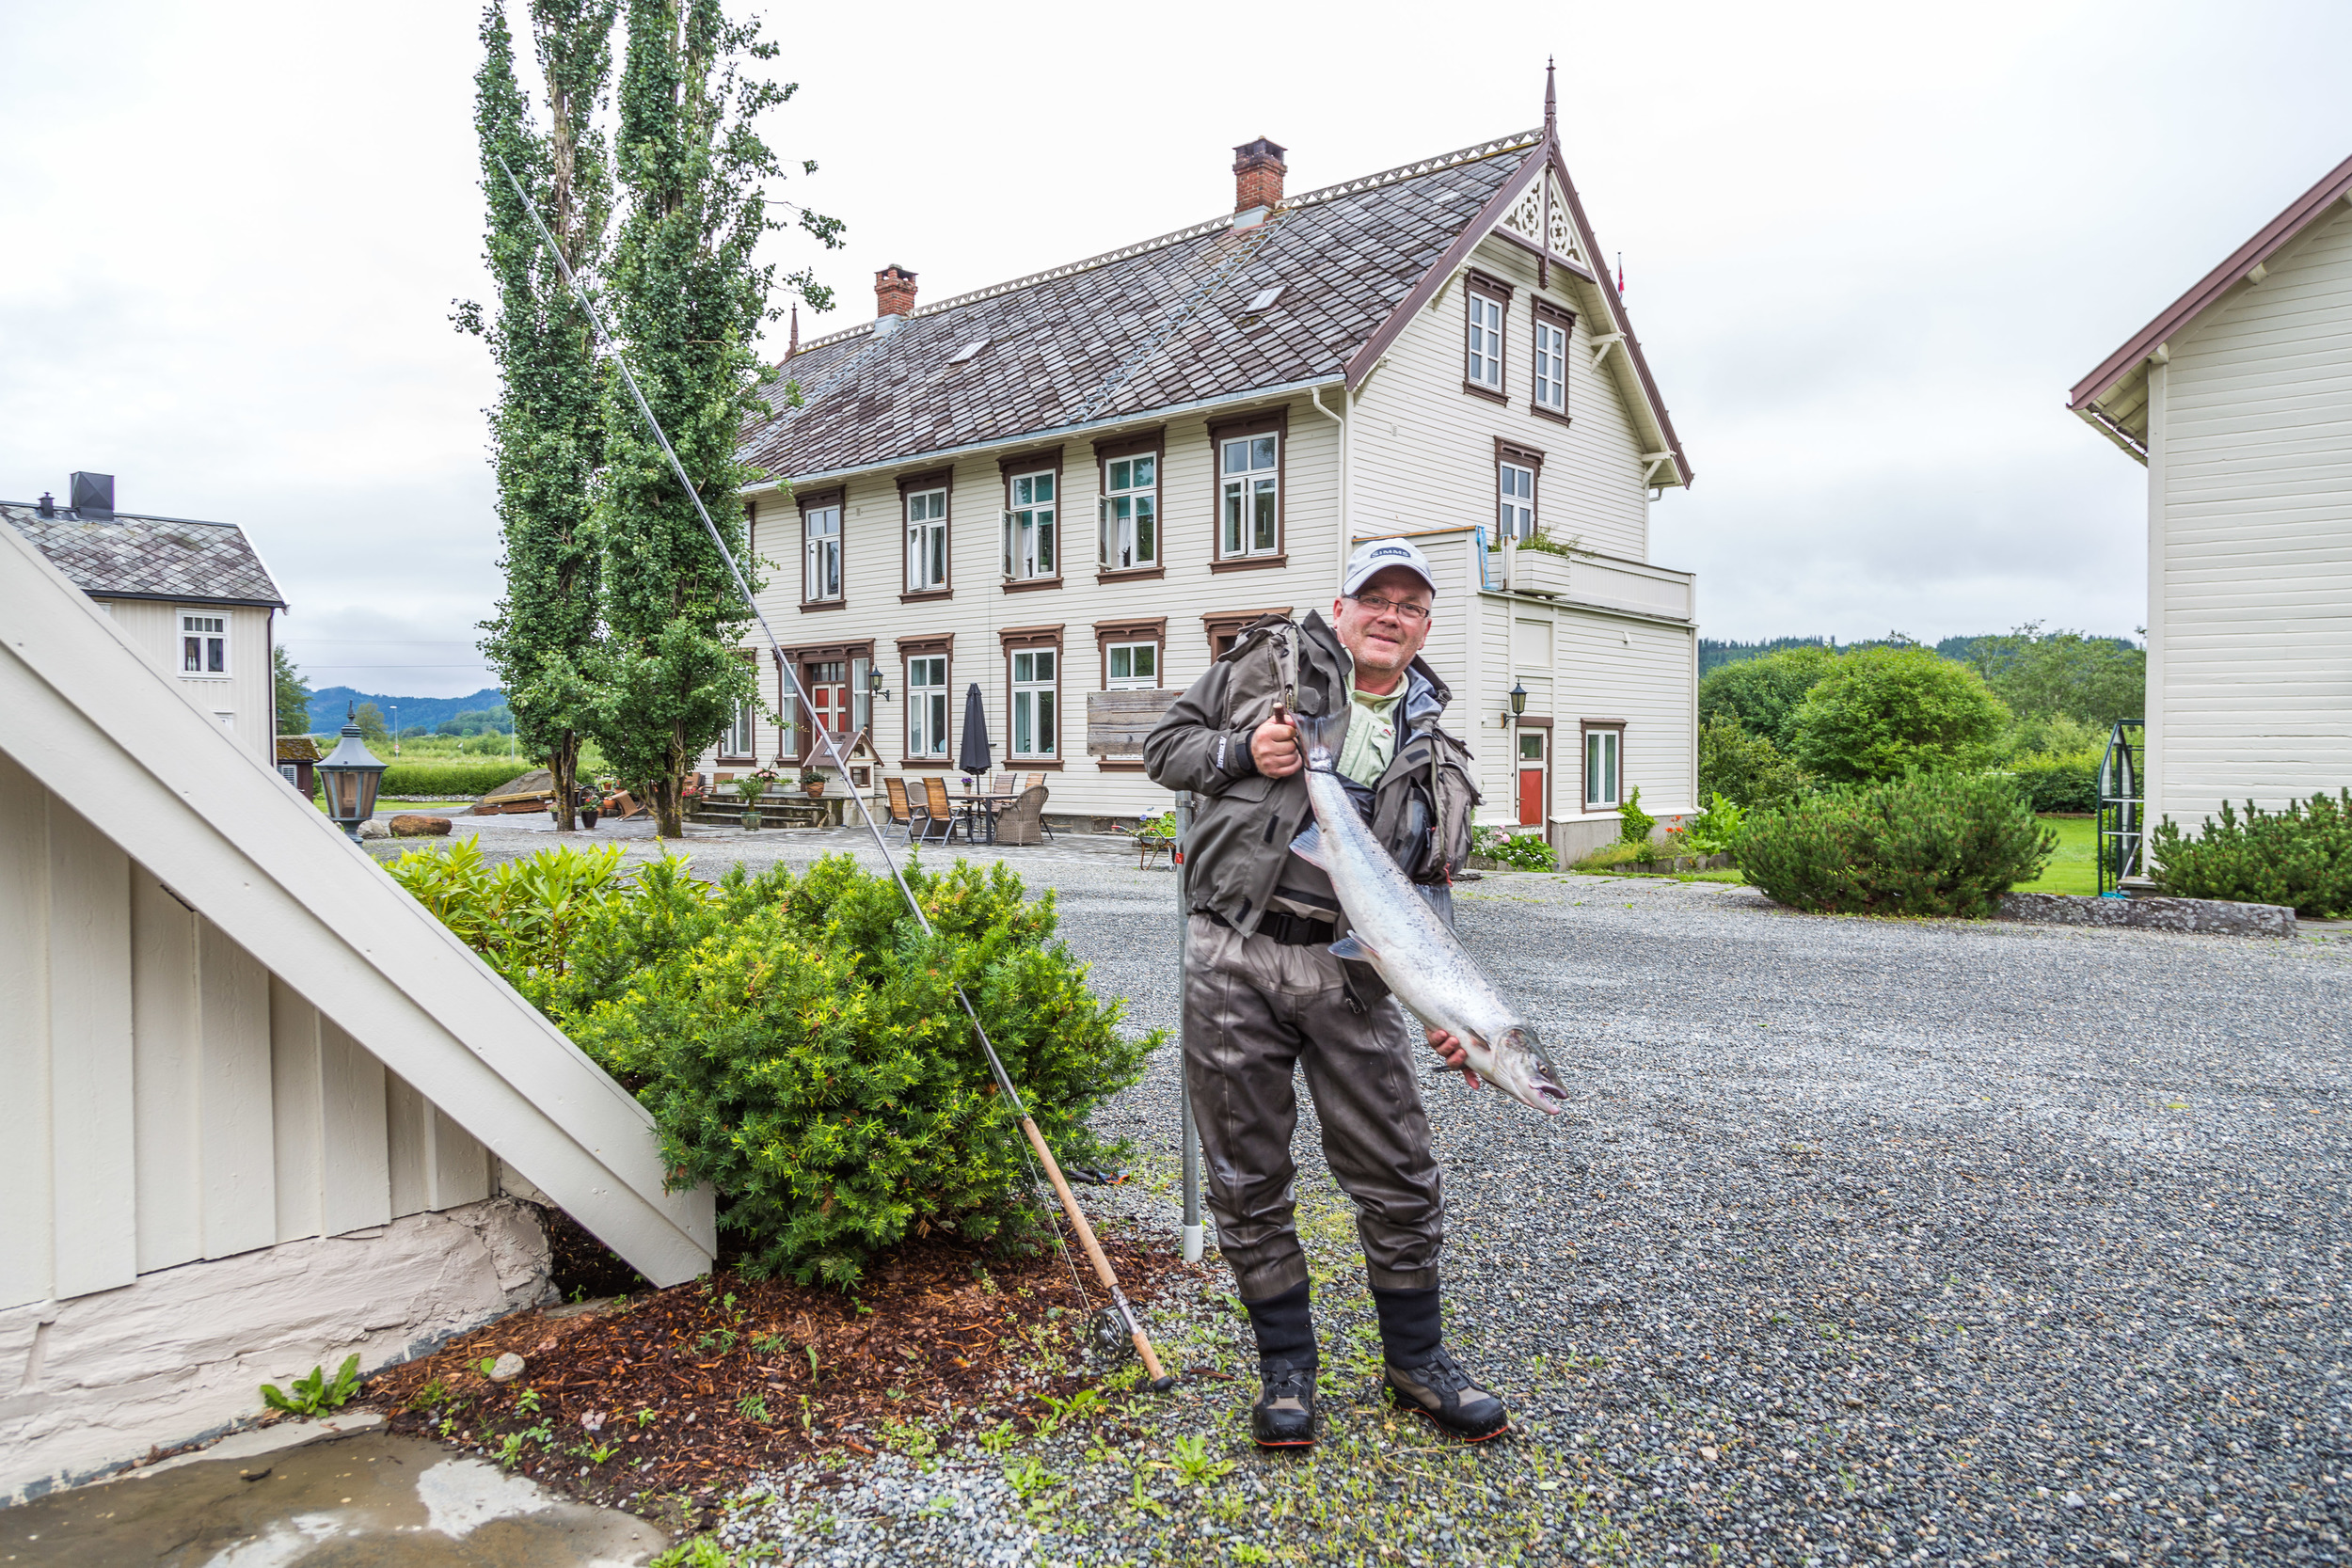 Hembre-gård-Stjørdal-Trondheim-Norge-Norway-salmon-fishing-93.jpg